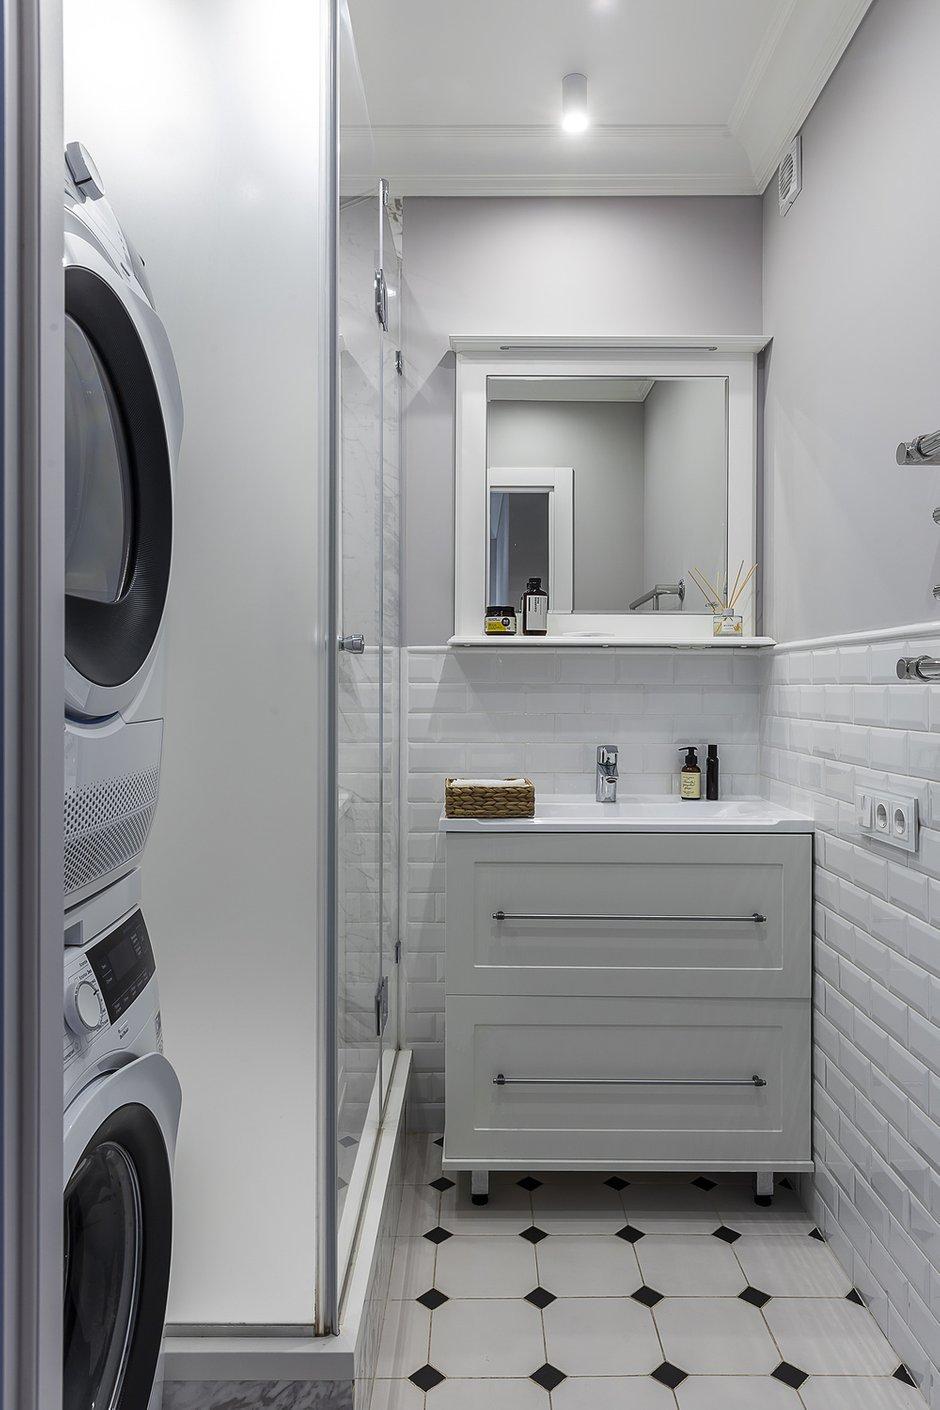 В маленькой ванной комнате сложно уместить все, но здесь получилось сделать комфортную душевую кабину, также установить стиральную и сушильную машины.